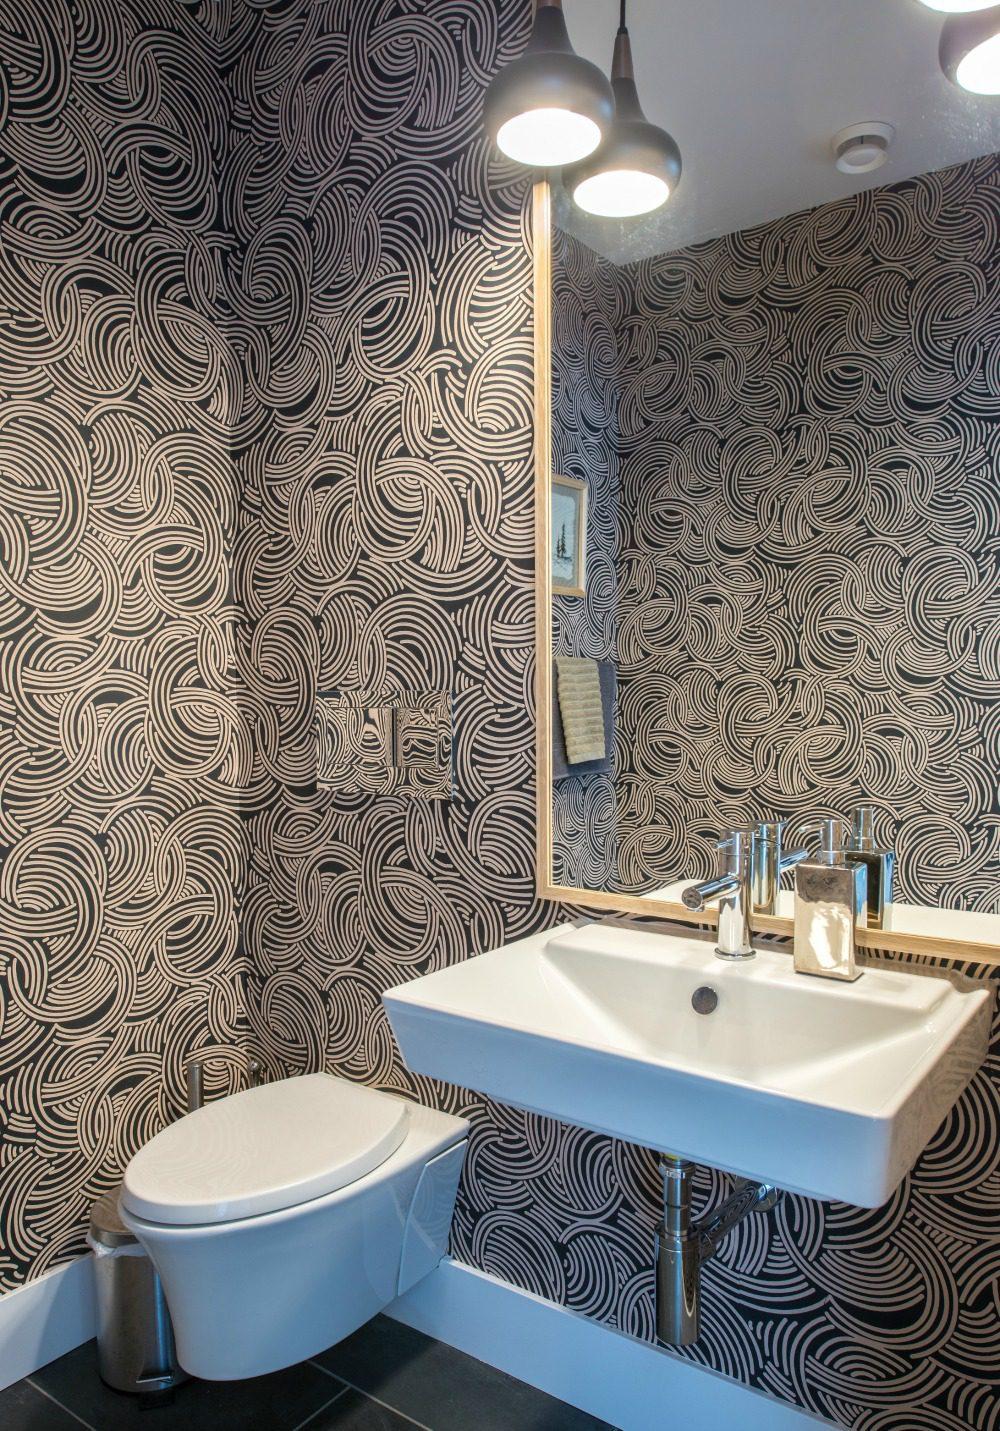 Inspirational custom wallpaper black and white